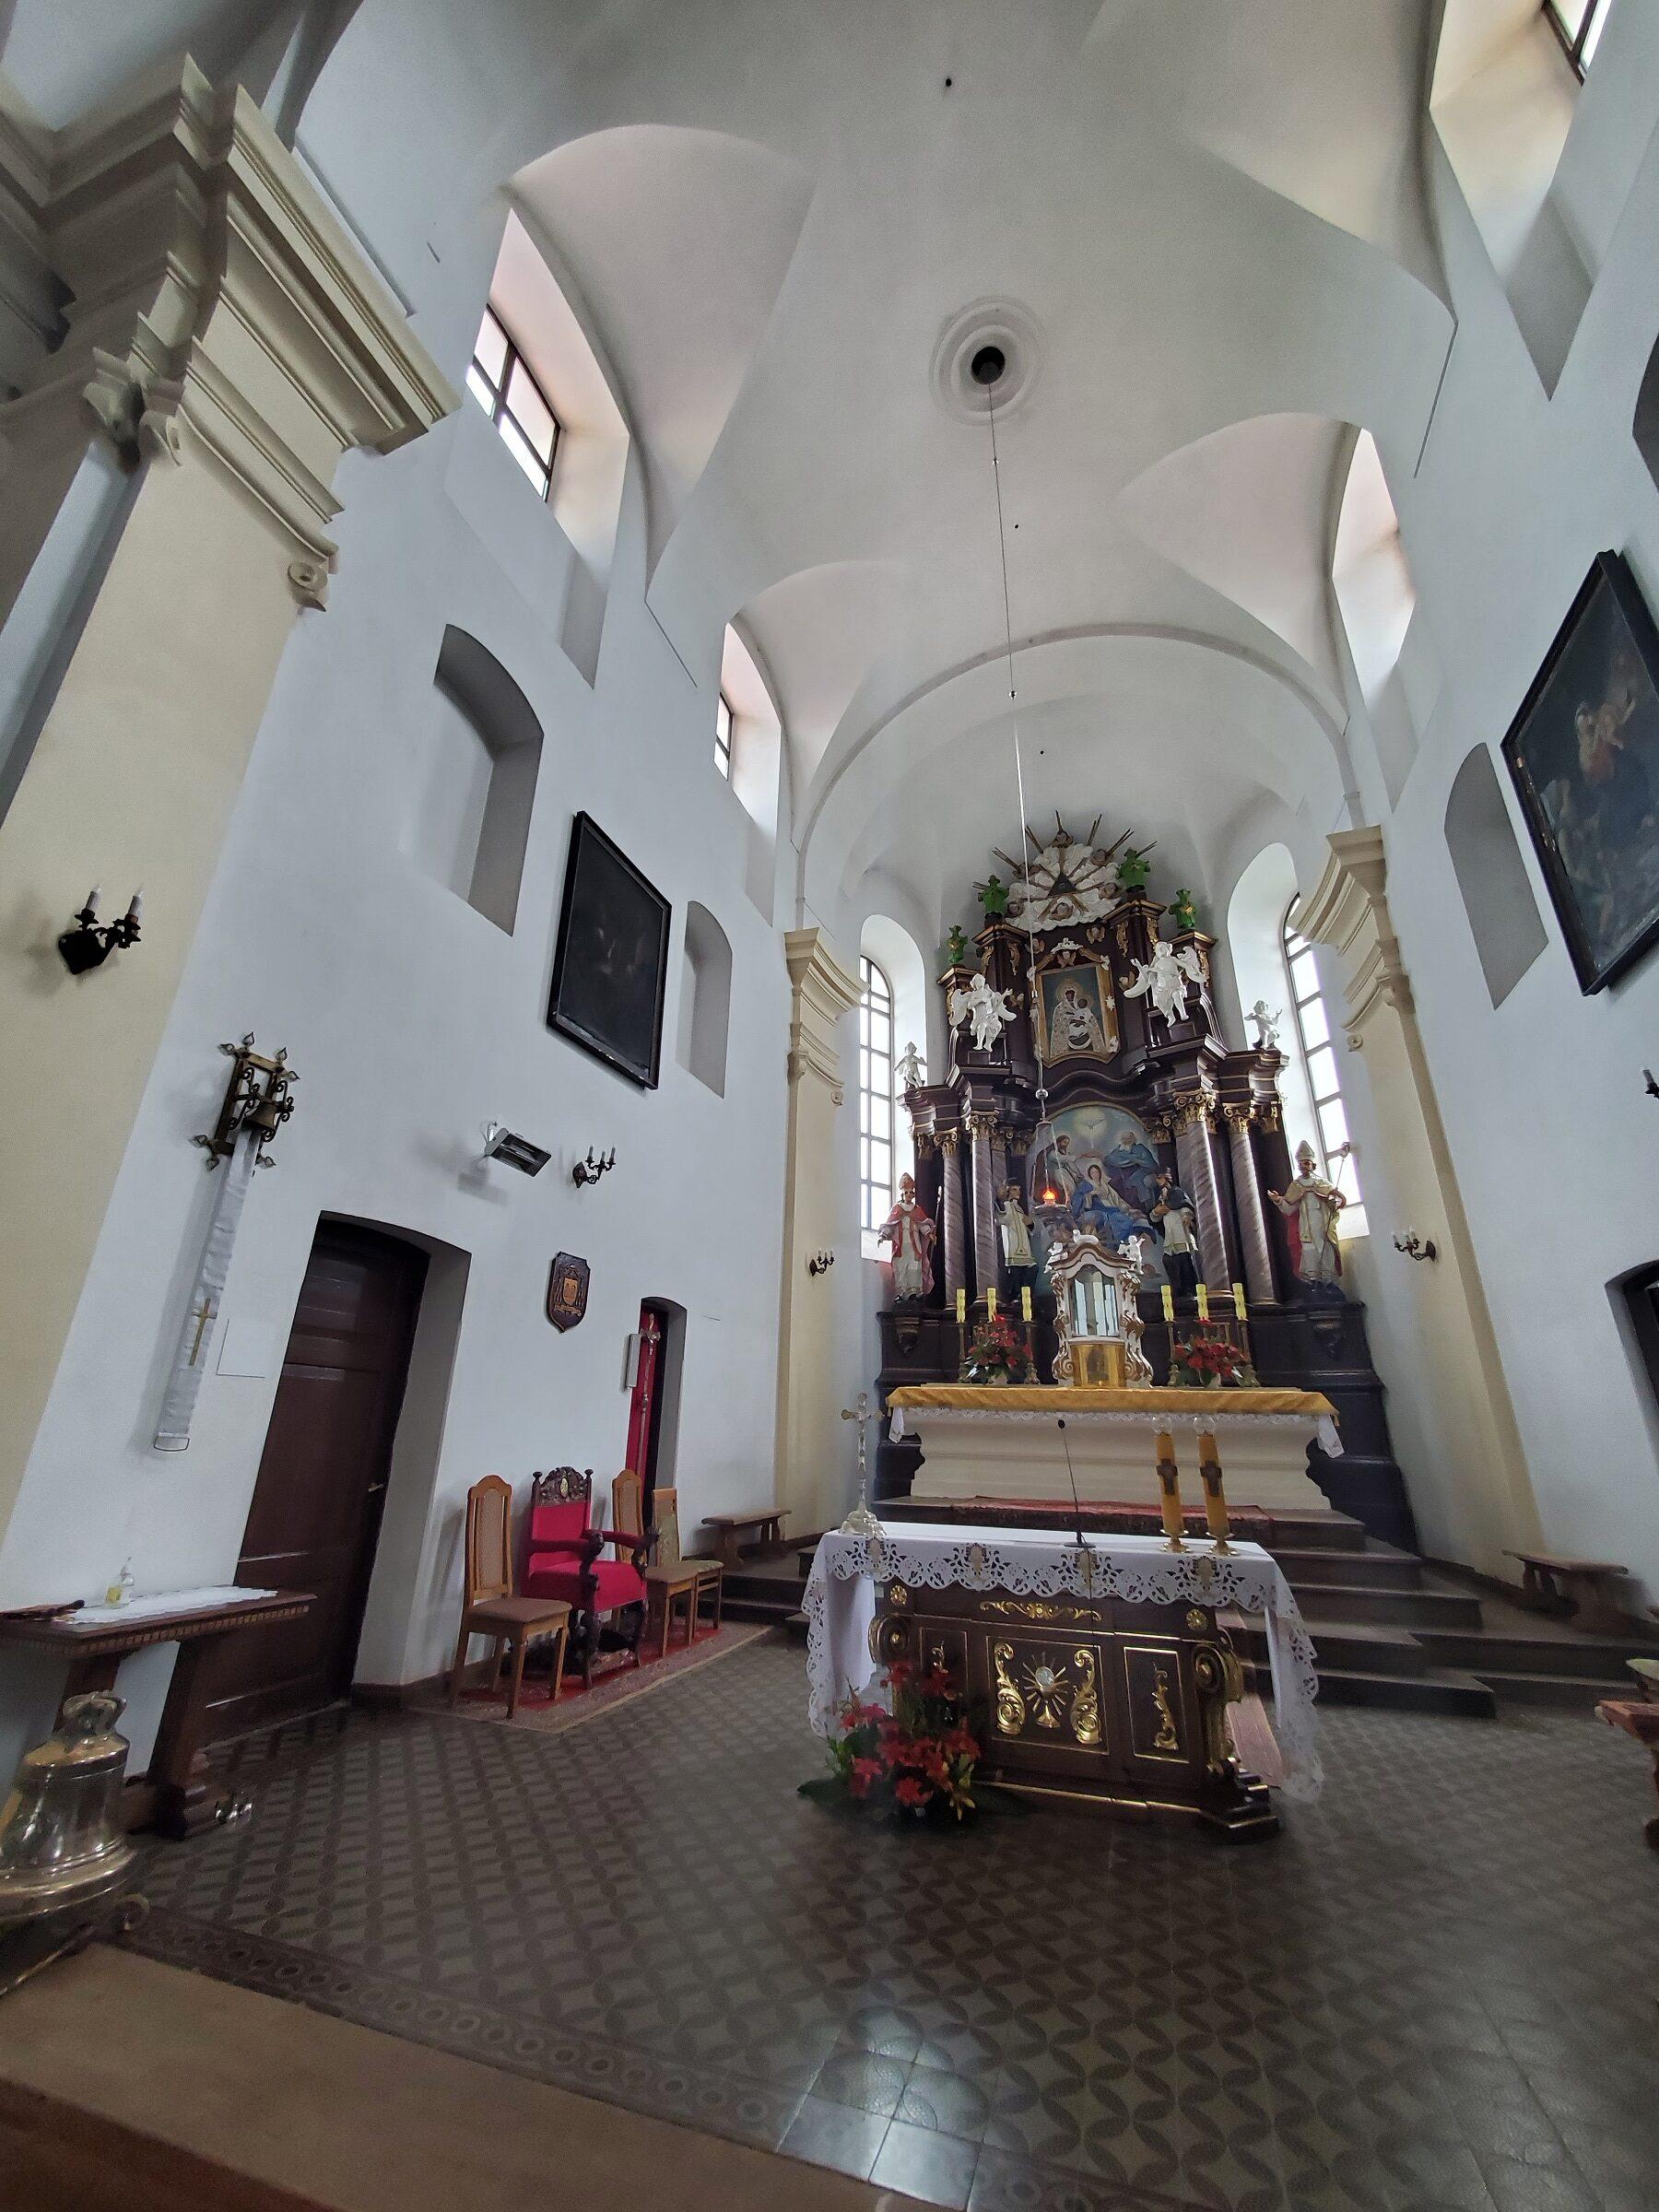 20200703 123508 rotated - Костел Святой Троицы в Глубоком